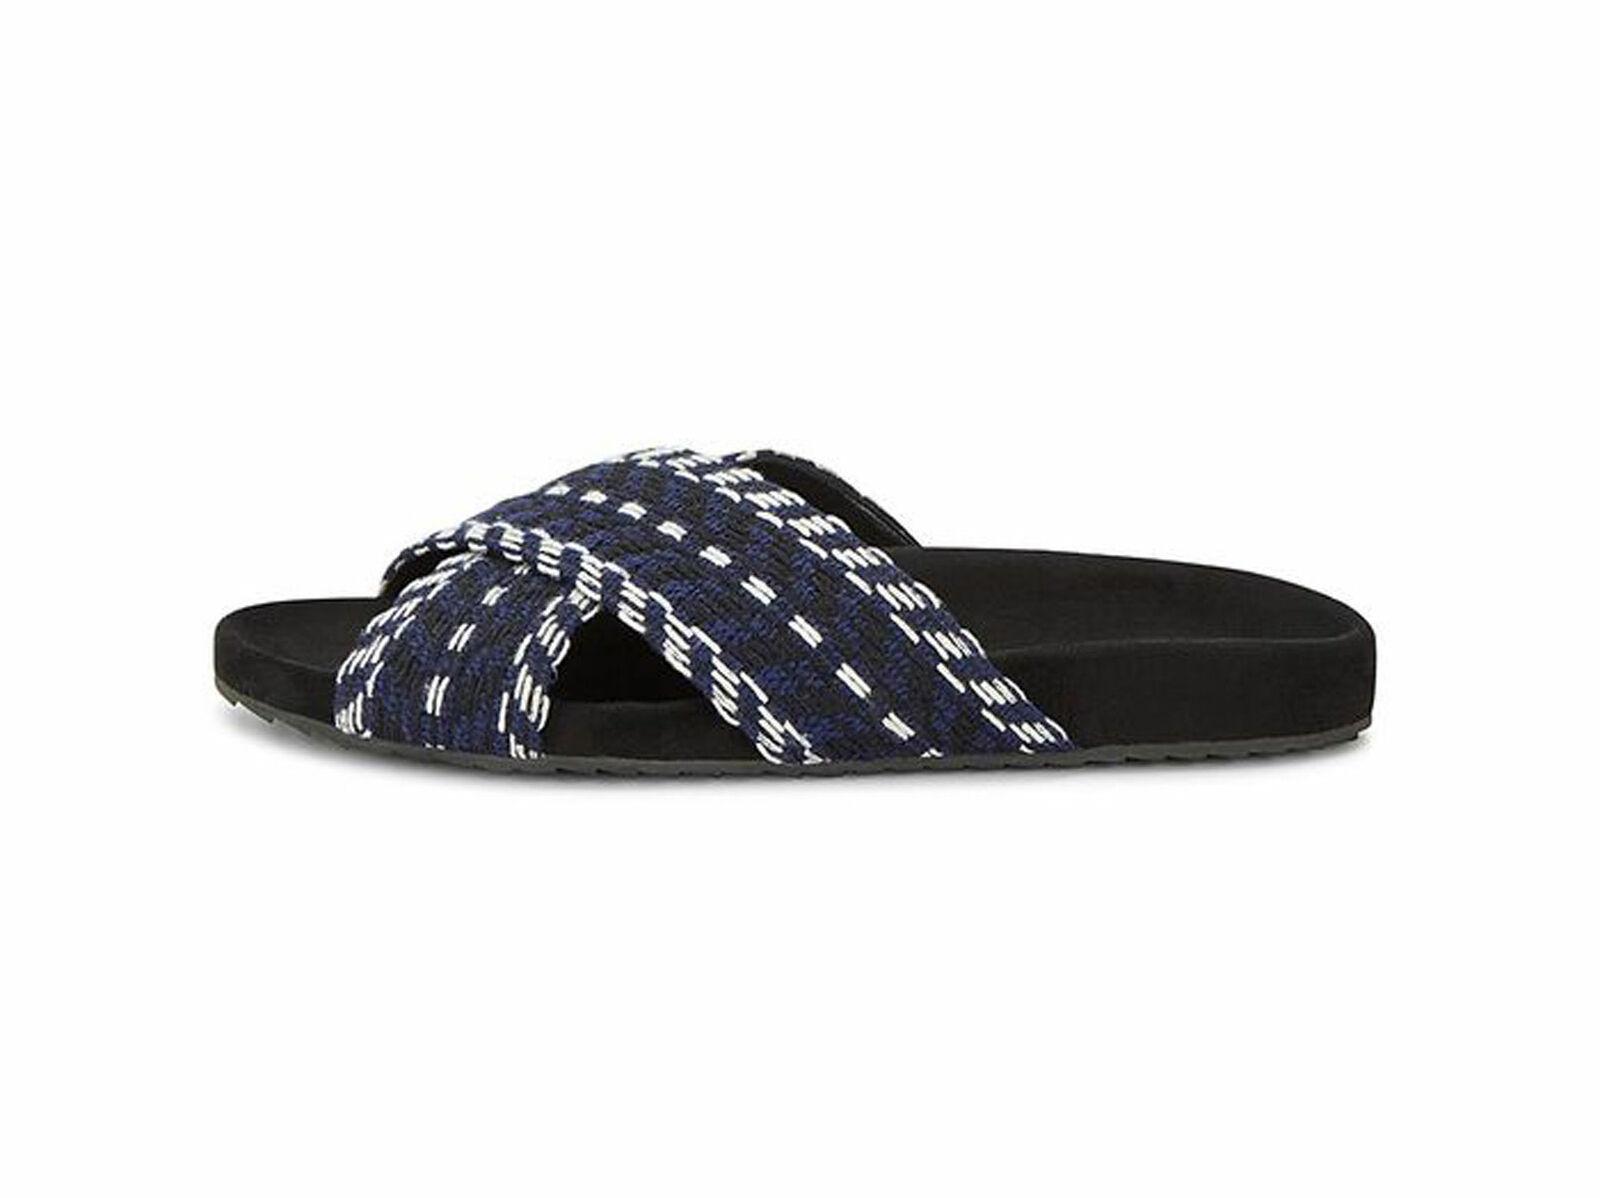 suministro de productos de calidad Rebecca Minkoff Minkoff Minkoff Mujer Theo Azul Marino Tweed Sandalias Deslizables US 7.5  oferta de tienda